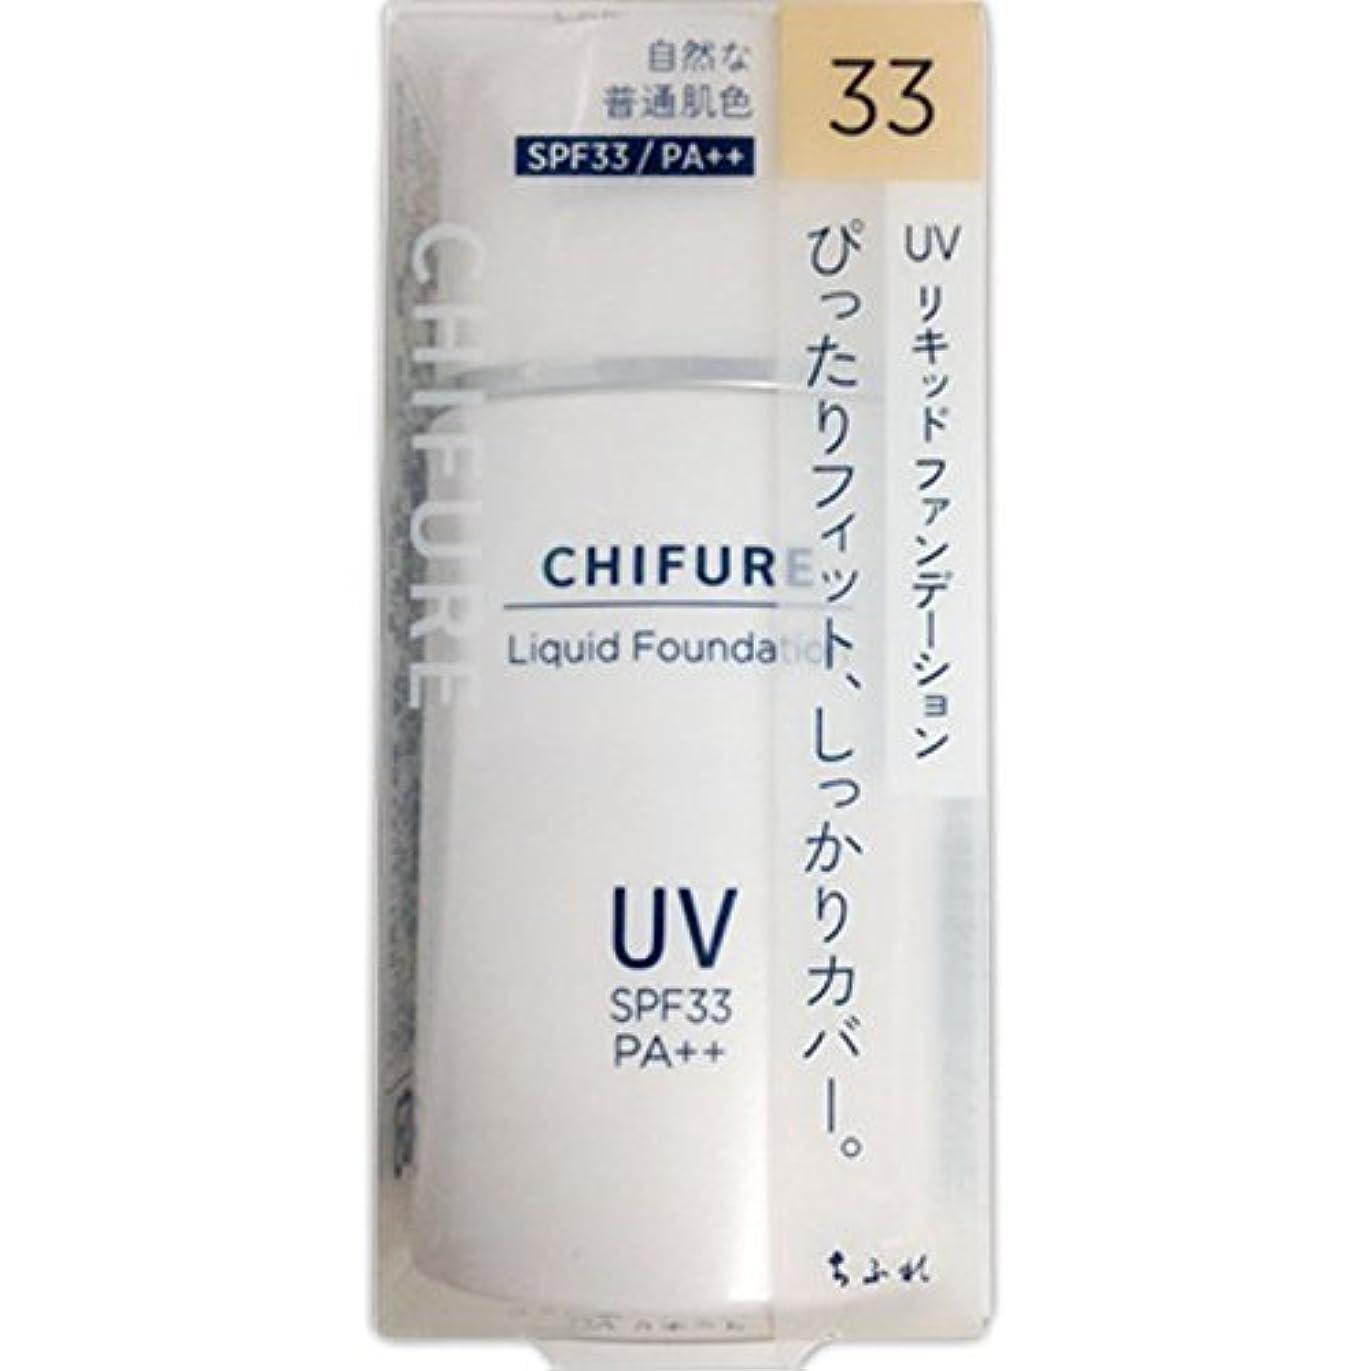 写真撮影つらい書き込みちふれ化粧品 UV リキッド ファンデーション 33 自然な普通肌色 30ML